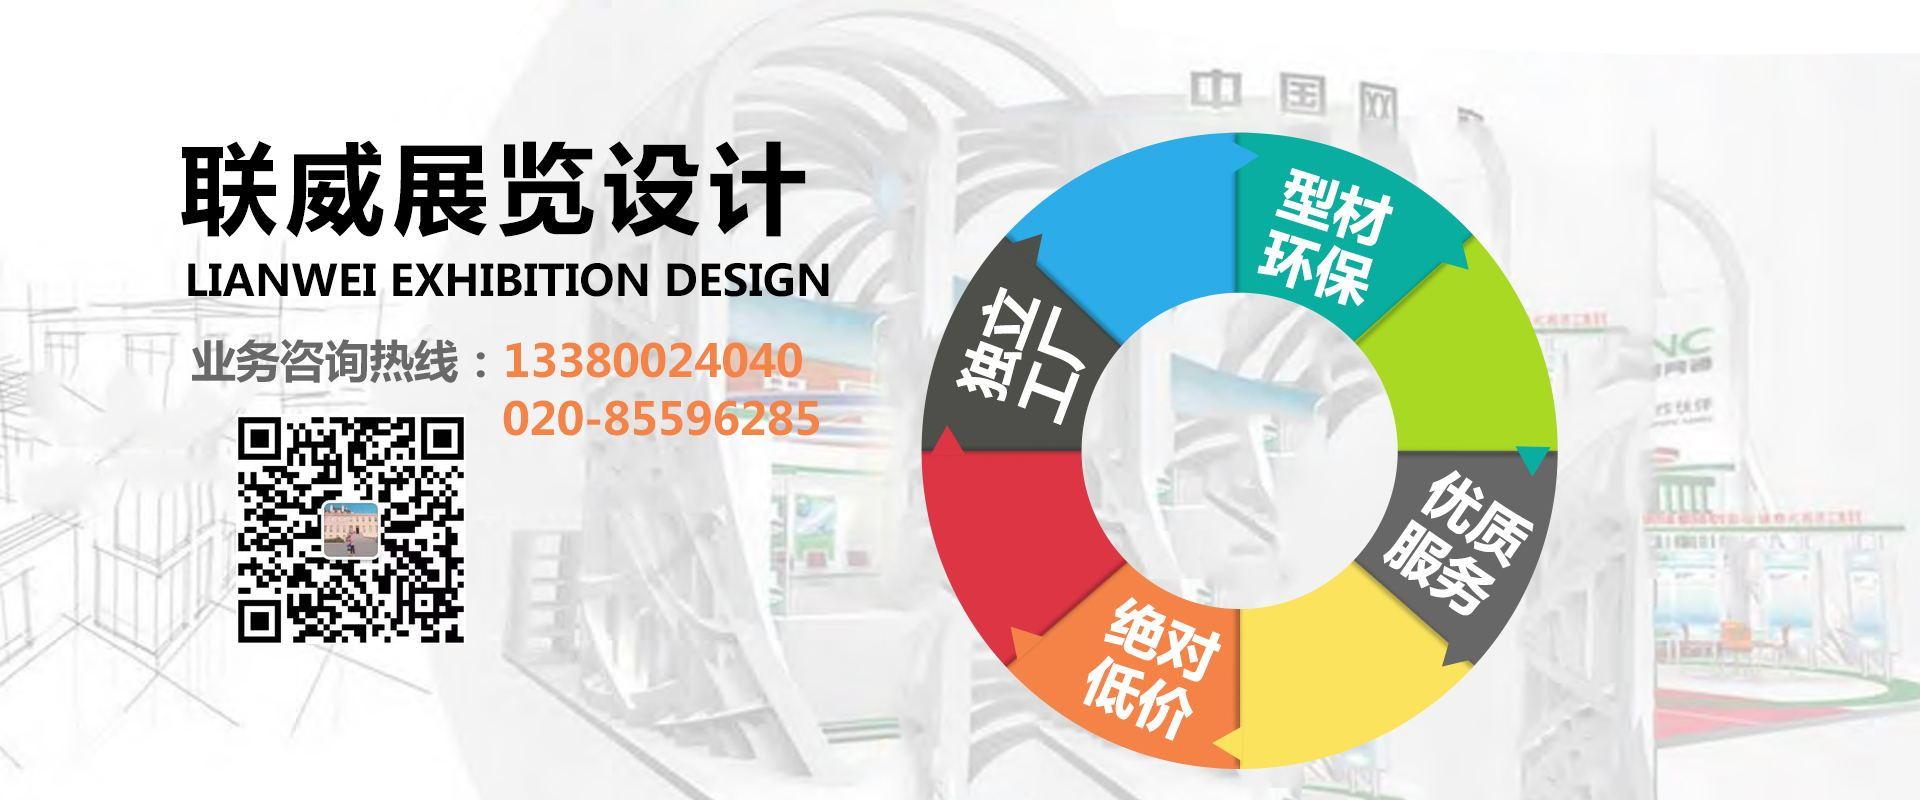 广州展览设计搭建公司展览工程,提供广州展台设计,广州展会设计,广州展览设计搭建